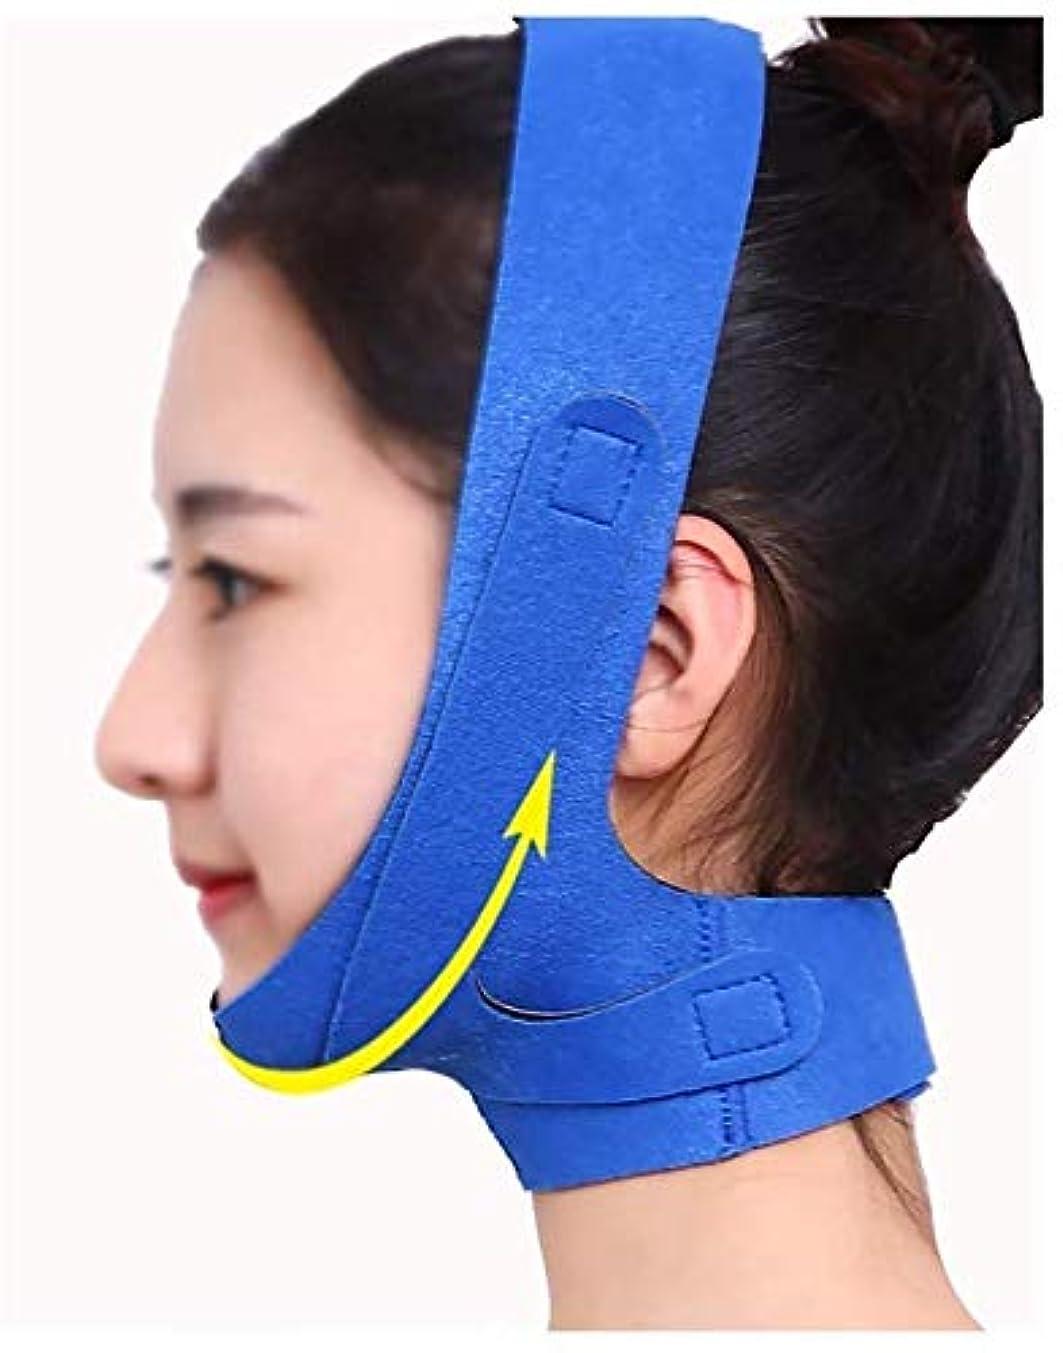 保全執着小説家美容と実用的なフェイスリフトマスク、チンストラップ回復包帯睡眠薄いフェイスバンデージ薄いフェイスマスクフェイスリフトアーティファクトフェイスリフト美容マスク包帯ブルーフェイスマスクで小さなV顔を強化するには